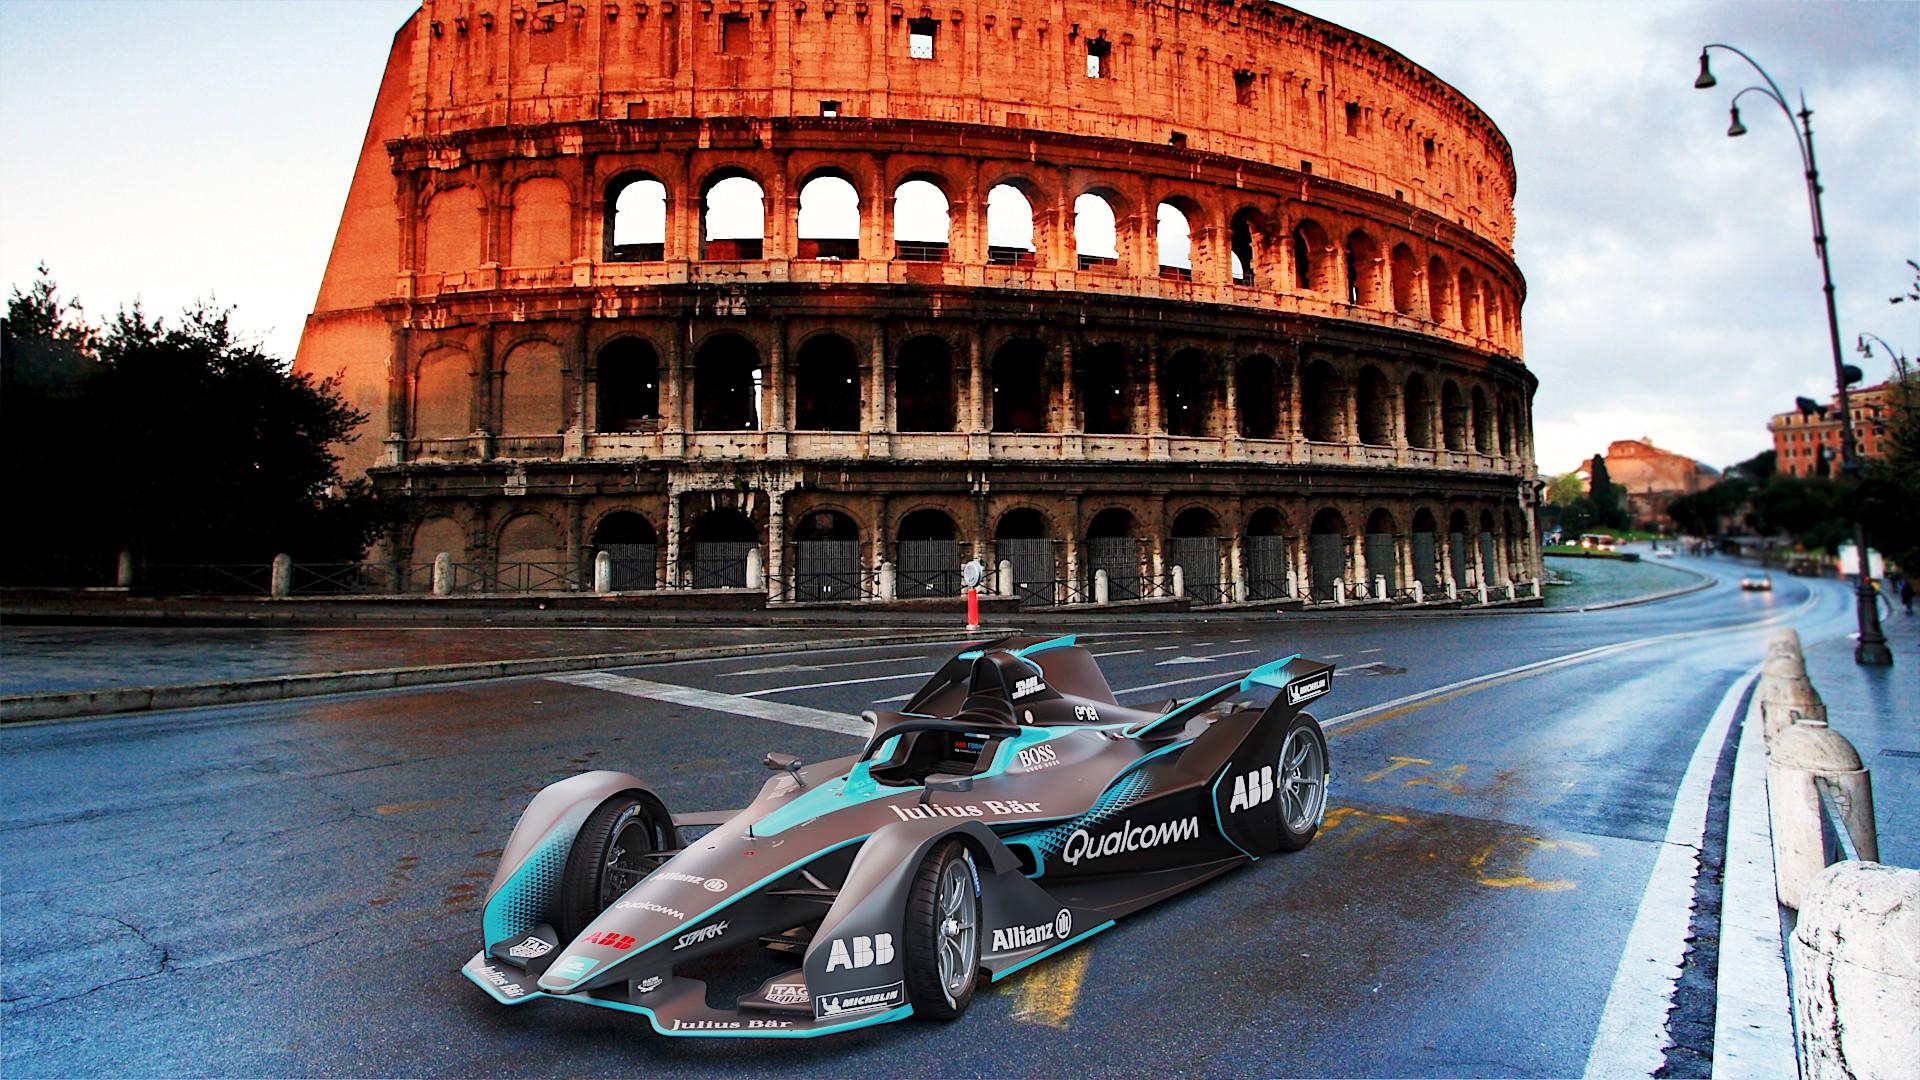 Second Gen Formula E Car Gets The Futuristic Look It